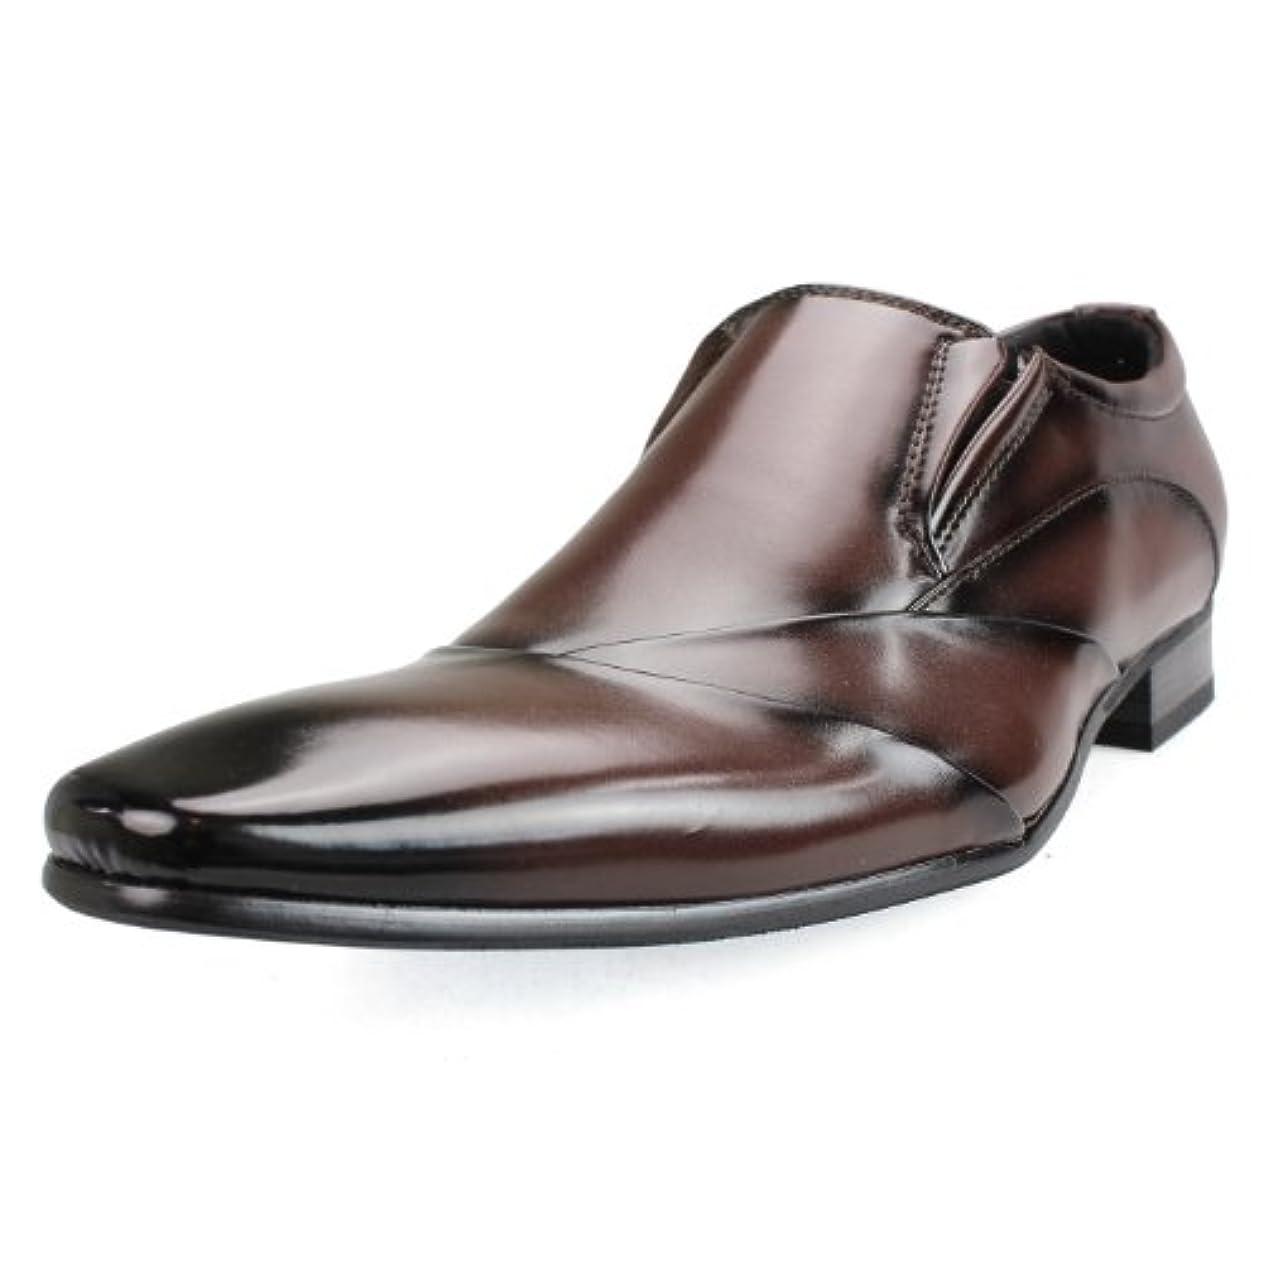 非常に怒っています構想する作家[エムエムワン] MM/ONE ビジネスシューズ ドレスシューズ PUスムース Shoes